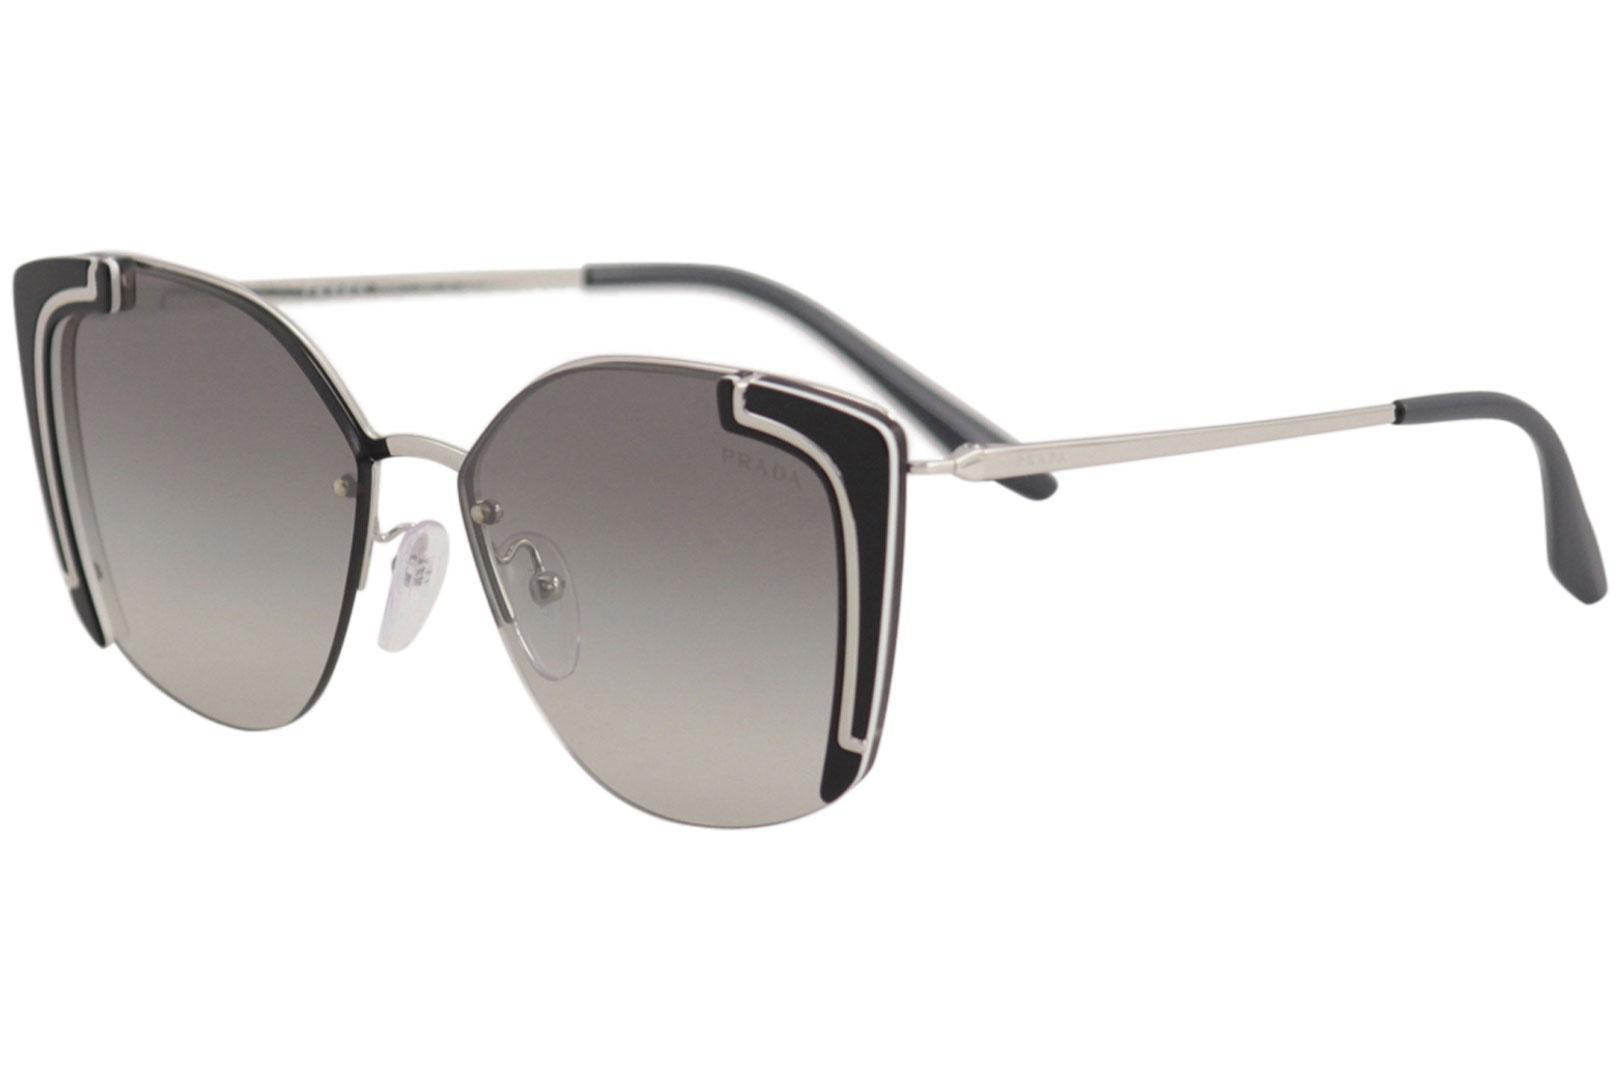 Óculos de Sol Feminino Prada Ornete SPR 59V